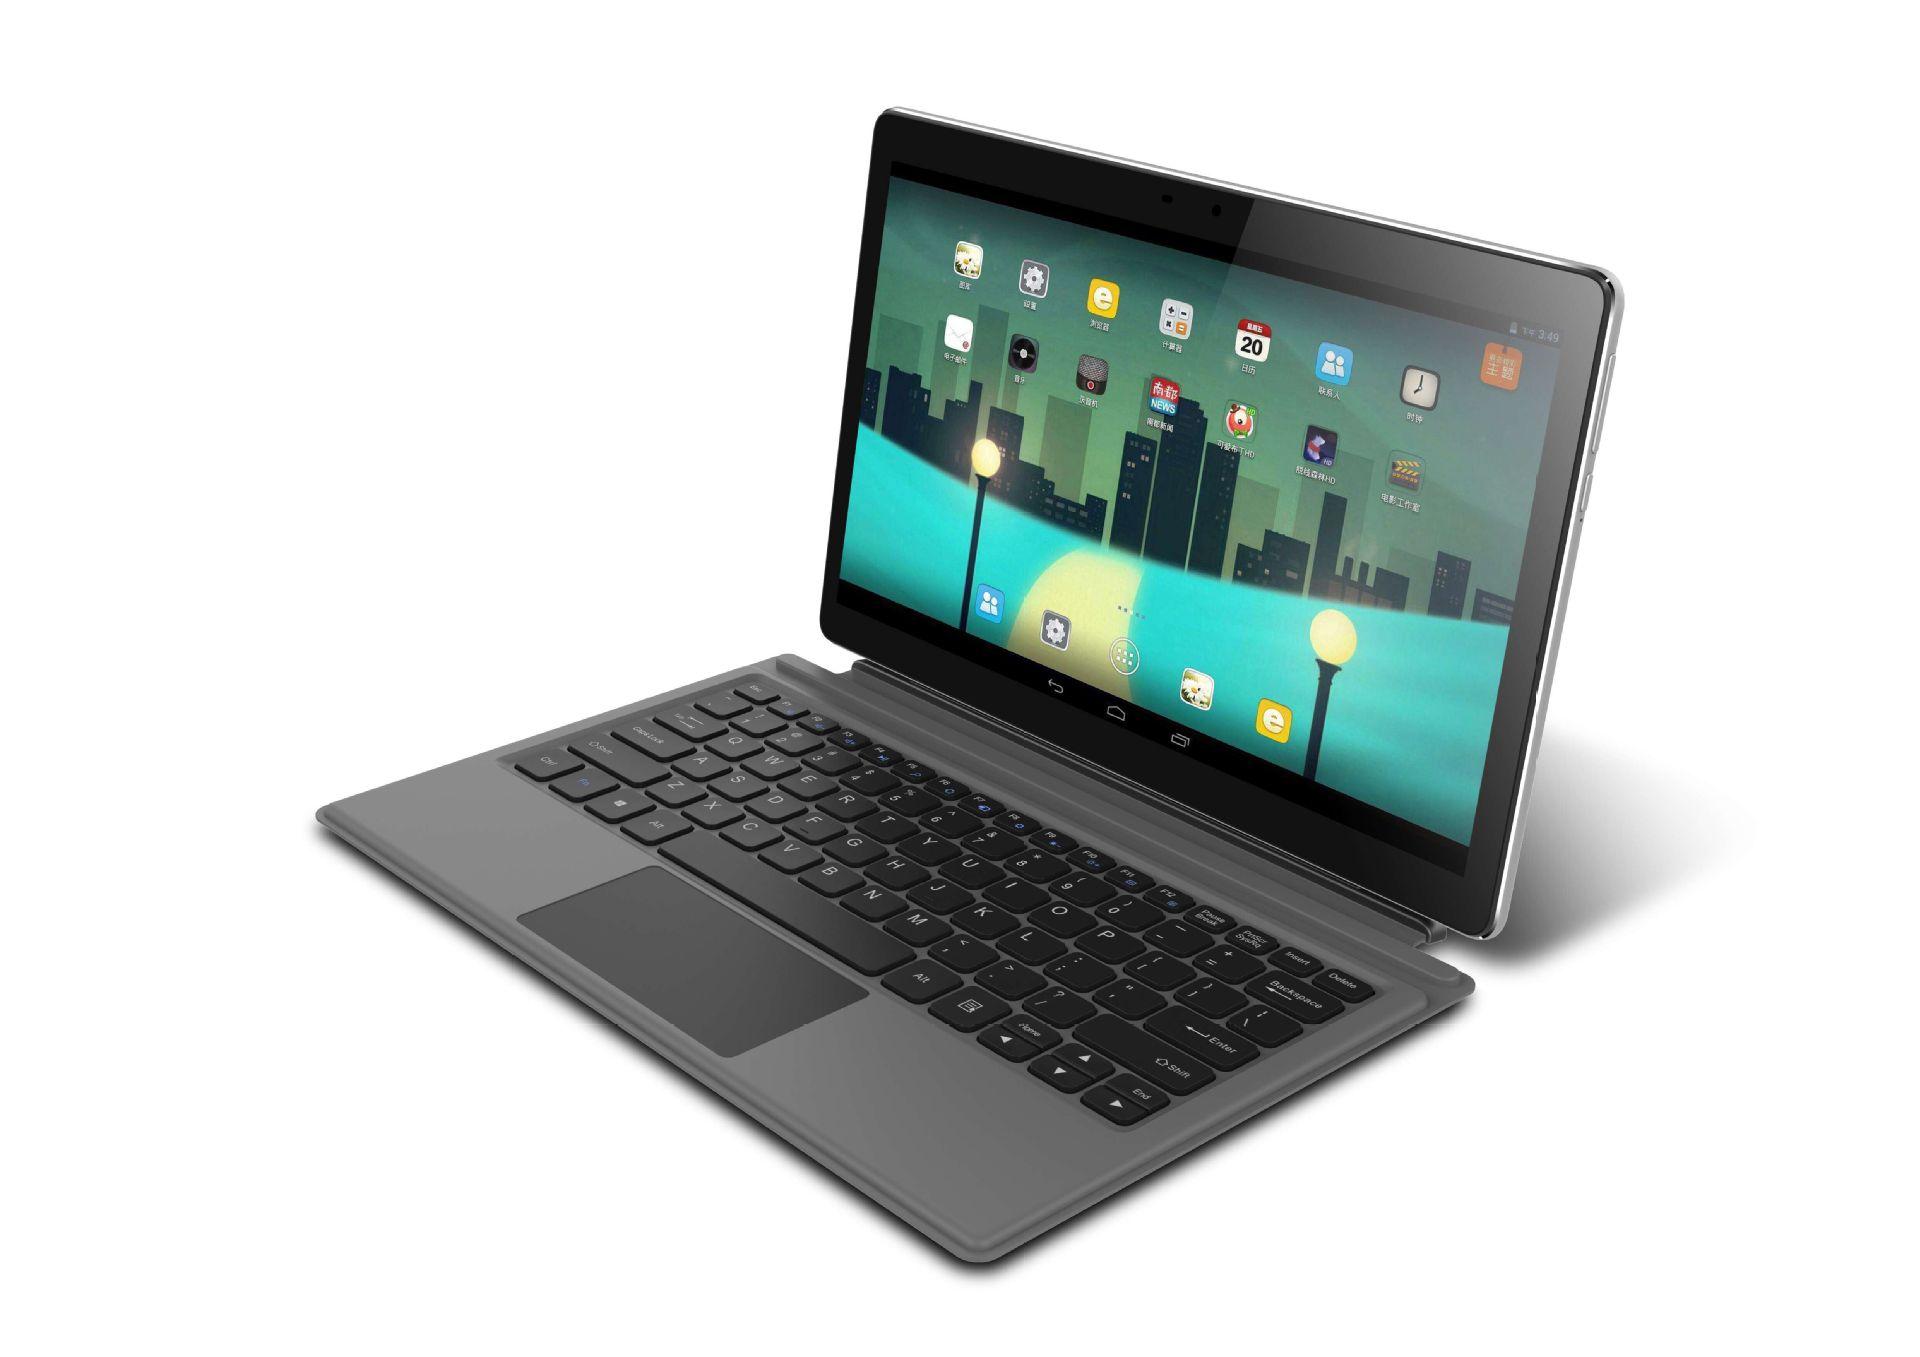 VOYO Máy tính xách Tay 11,6 inch mười lõi Android 4G